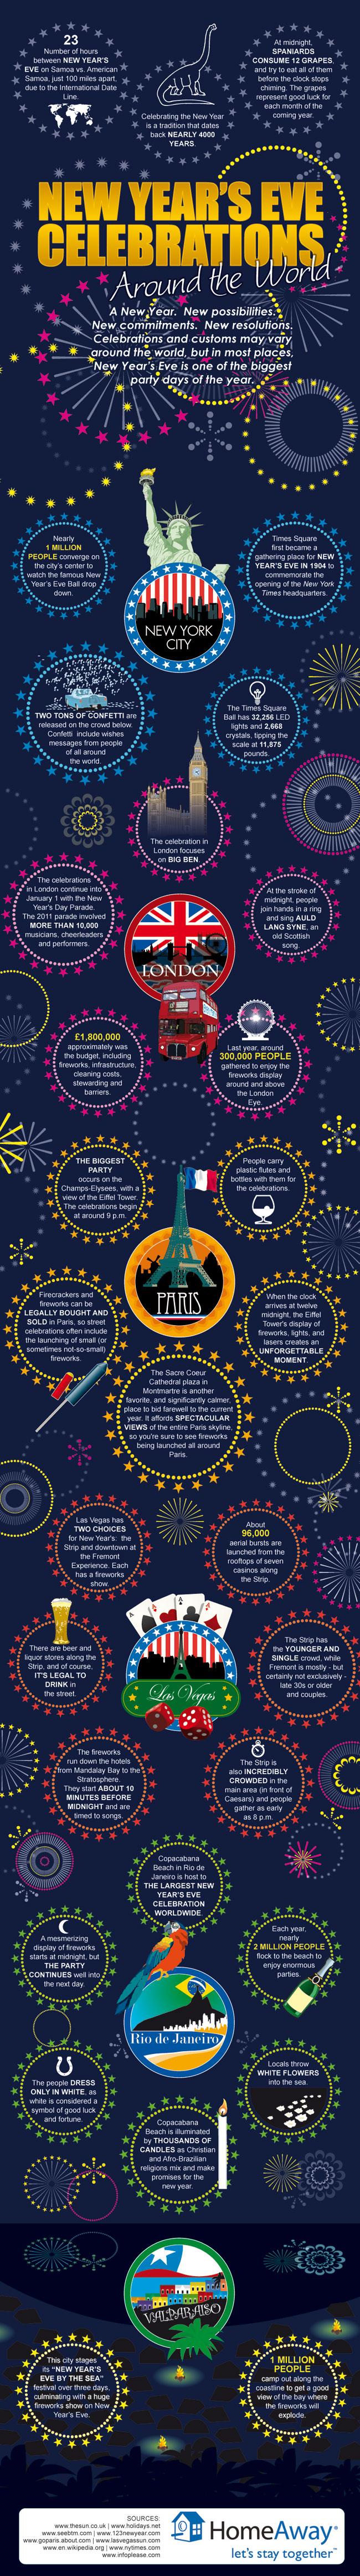 03 Celebrating New Year Around The World